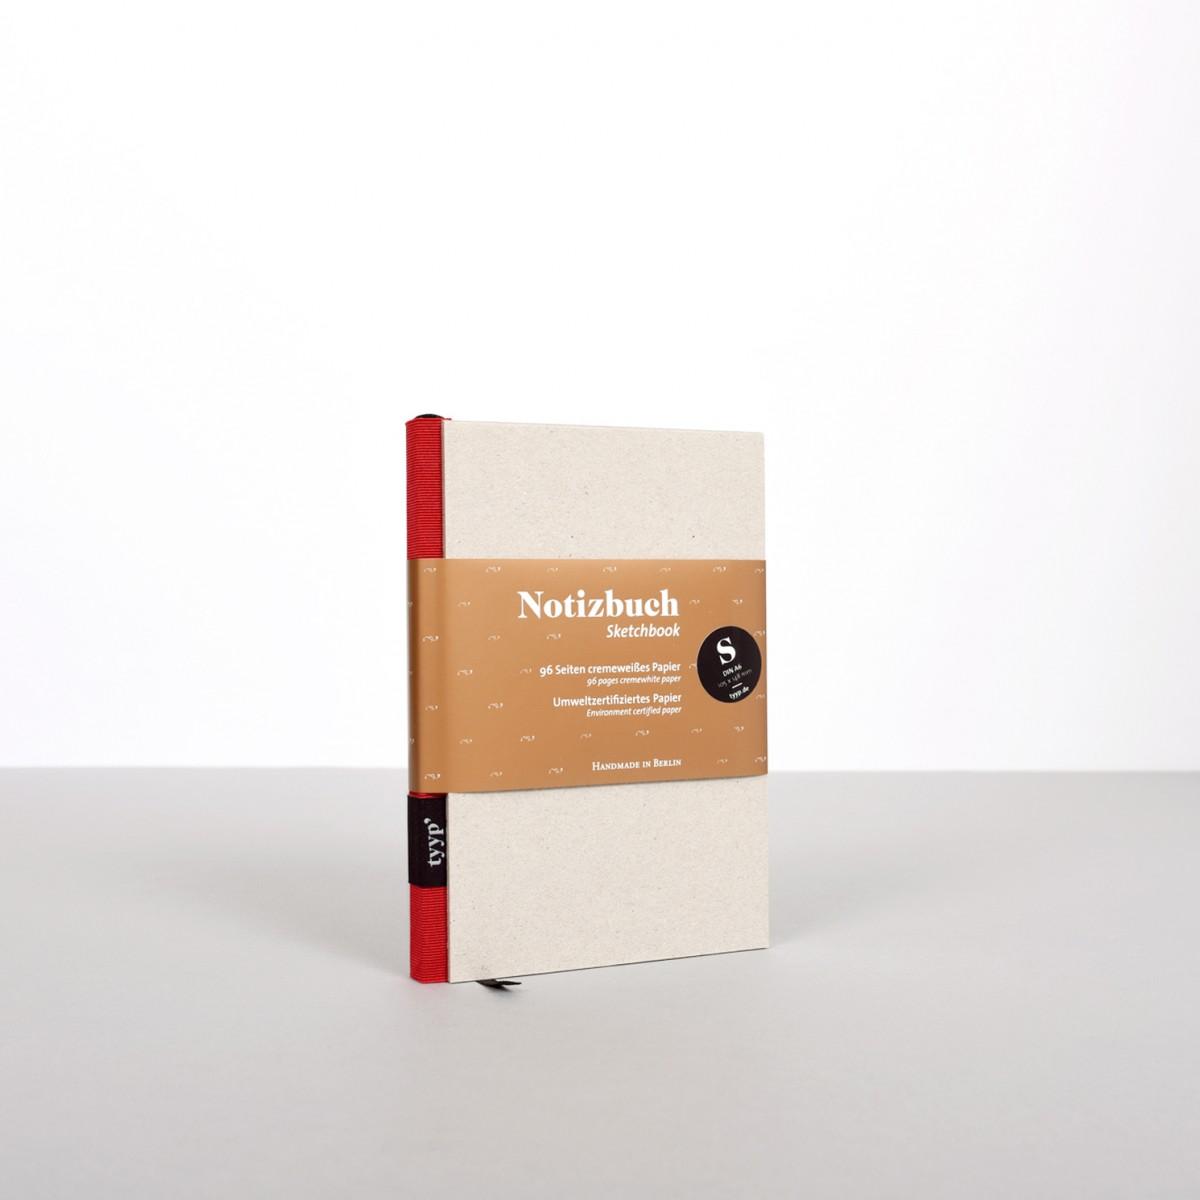 tyyp Notizbuch S (Karton)